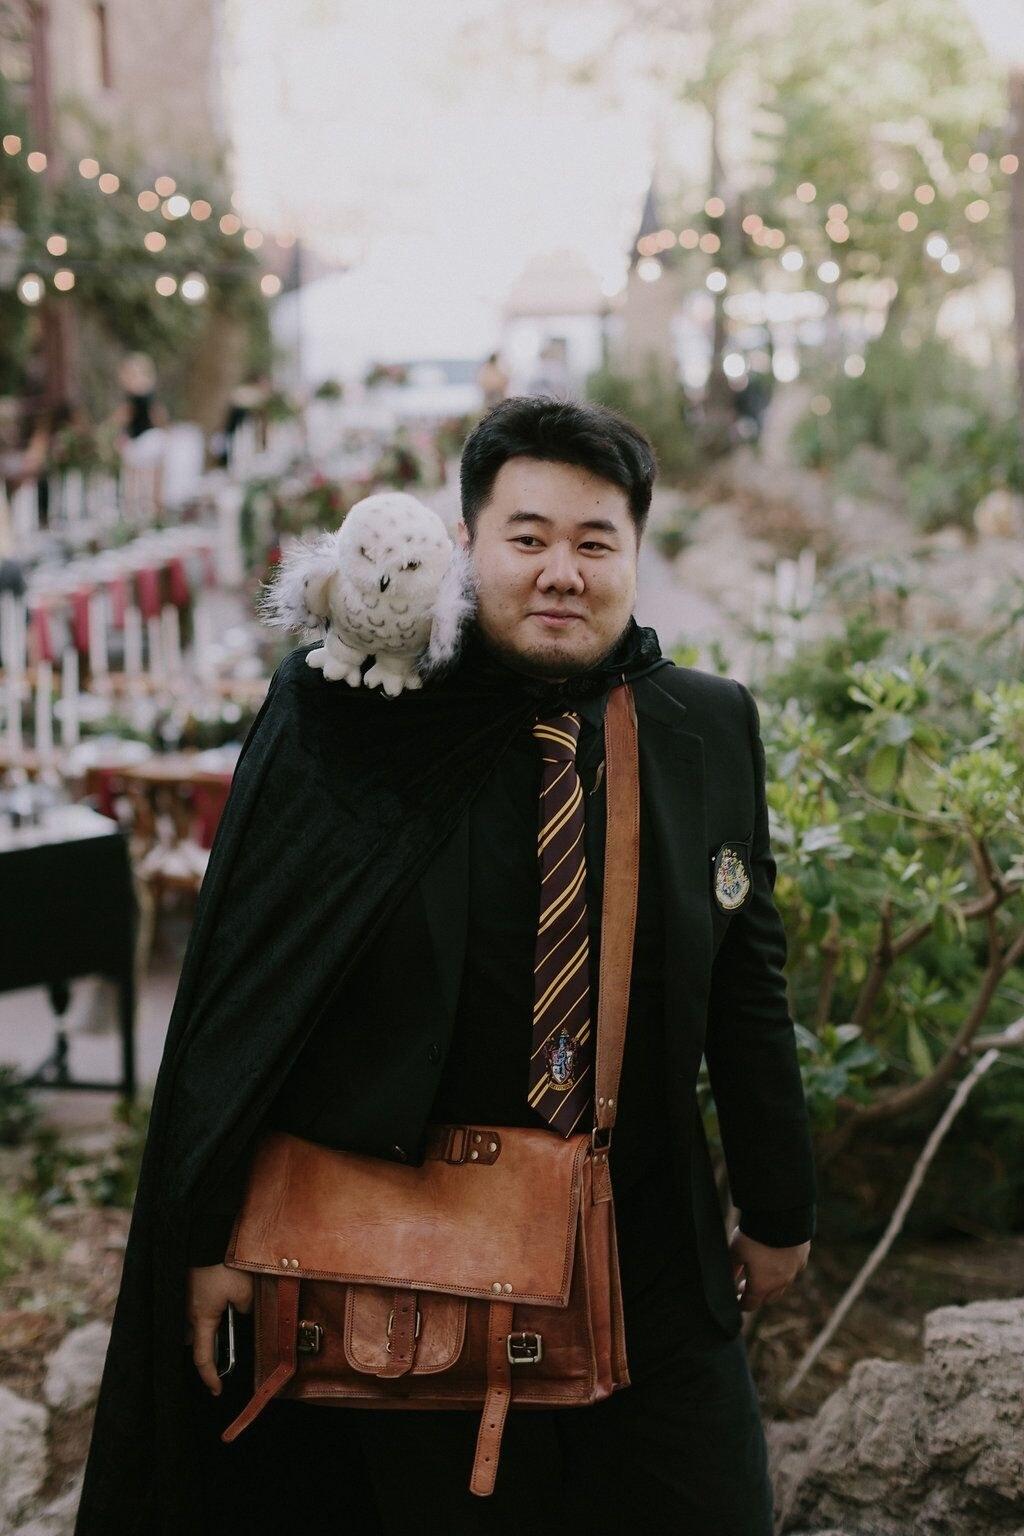 史上最酷《哈利波特》主題婚禮,光是送出的賓客「魔法小禮物」就讓人眼紅啊!